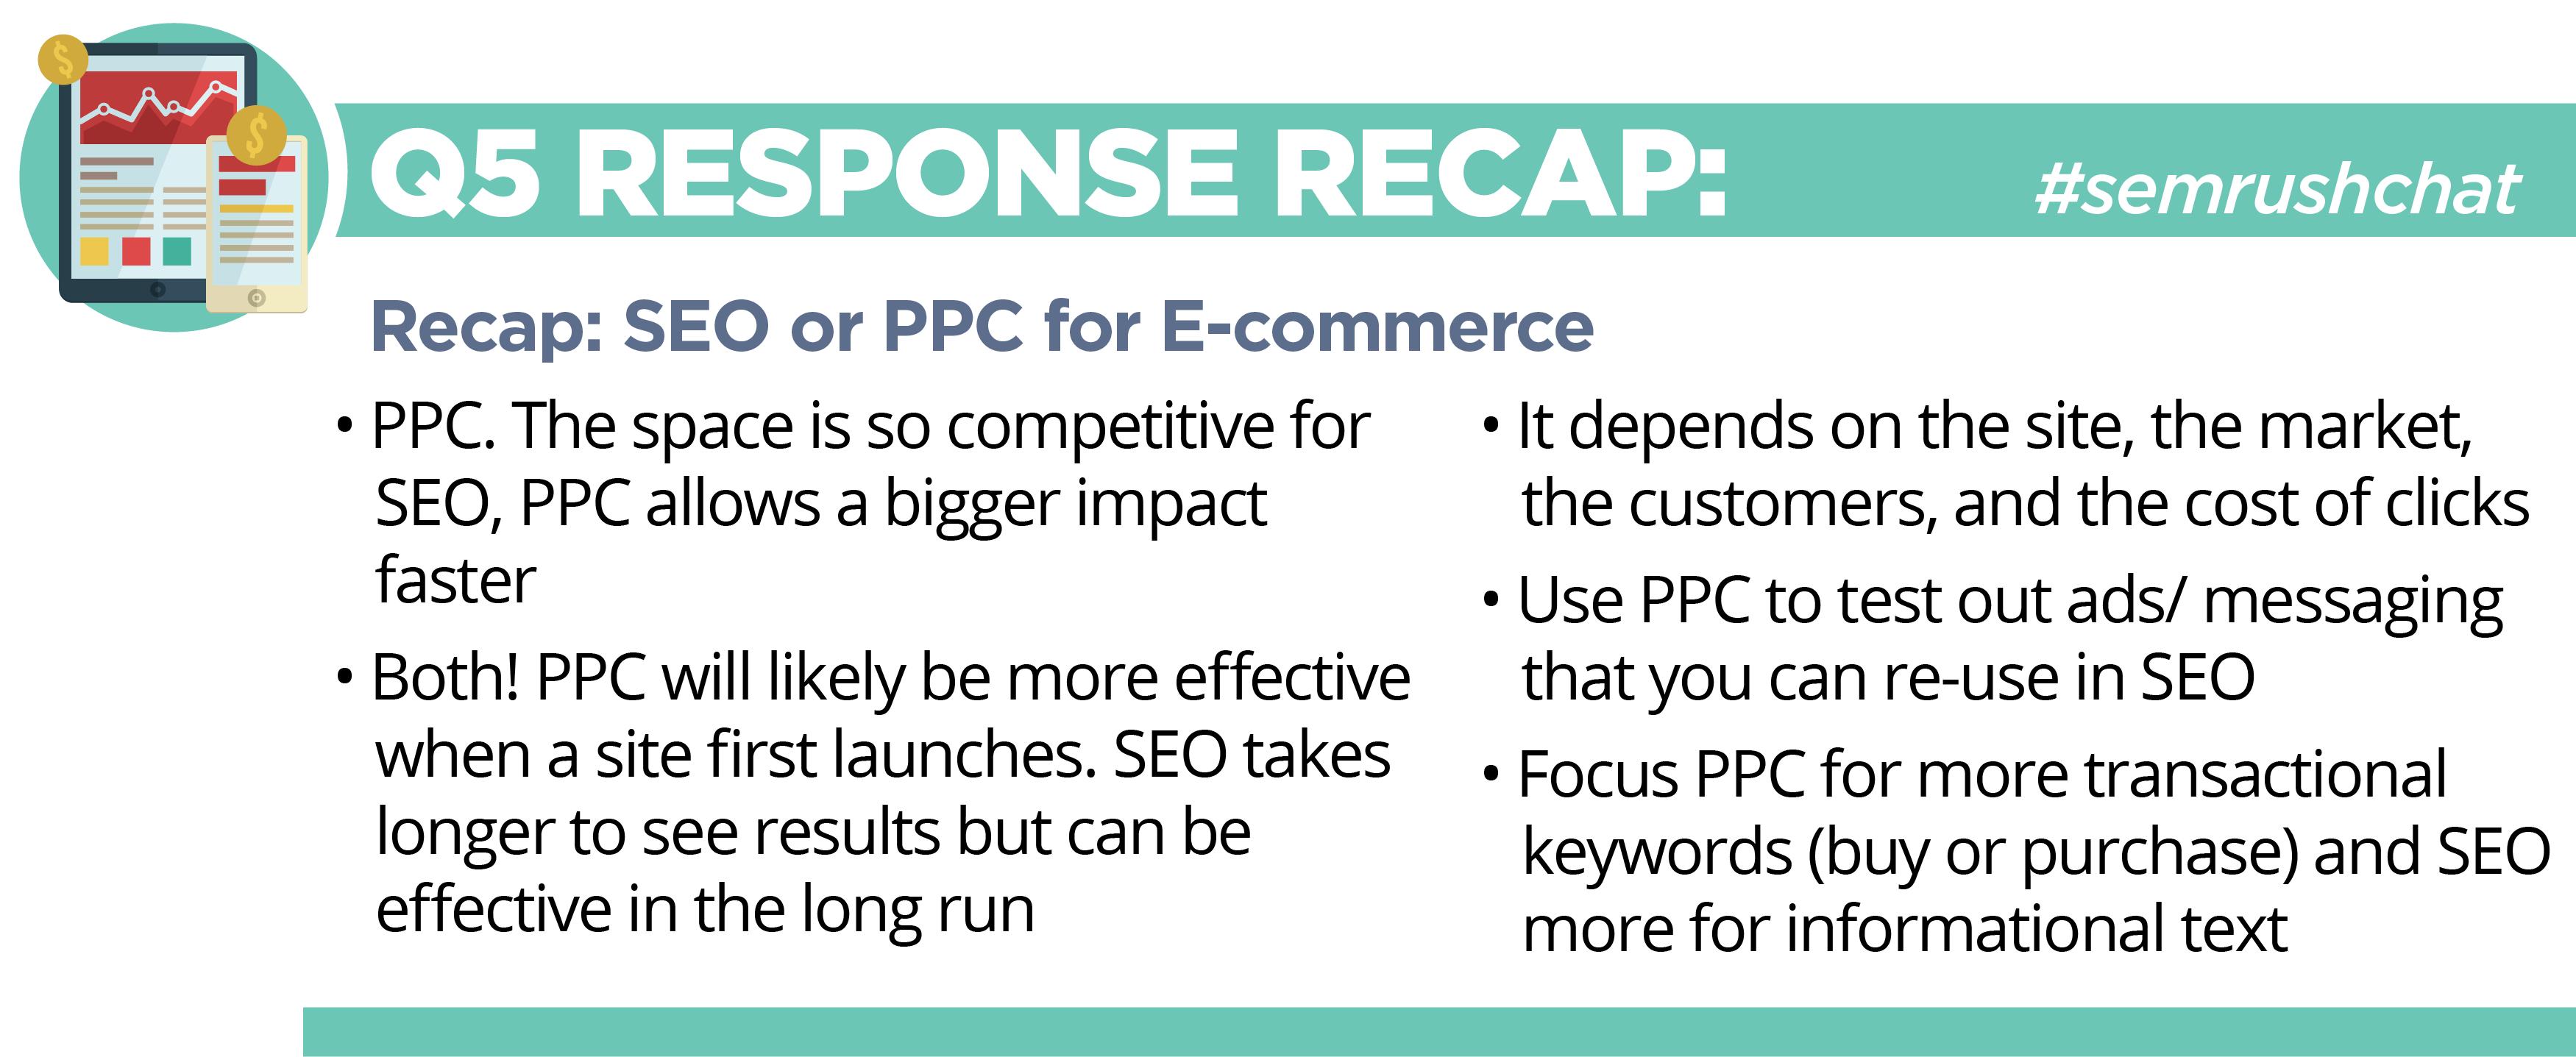 chat-recap-q5-response-recap.png